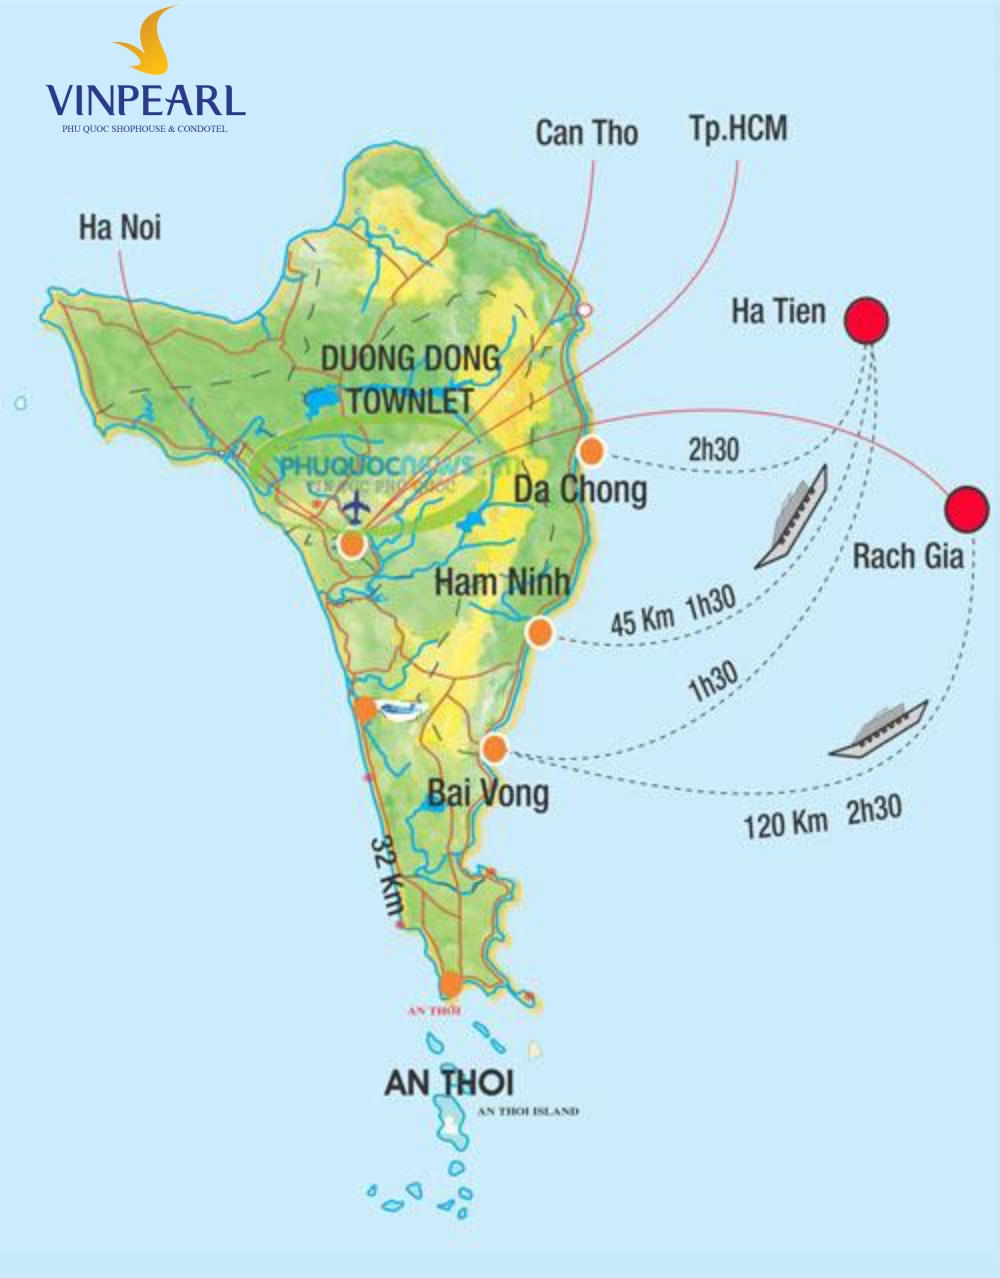 Vị trí cảng biển và sân bay ở Phú Quốc